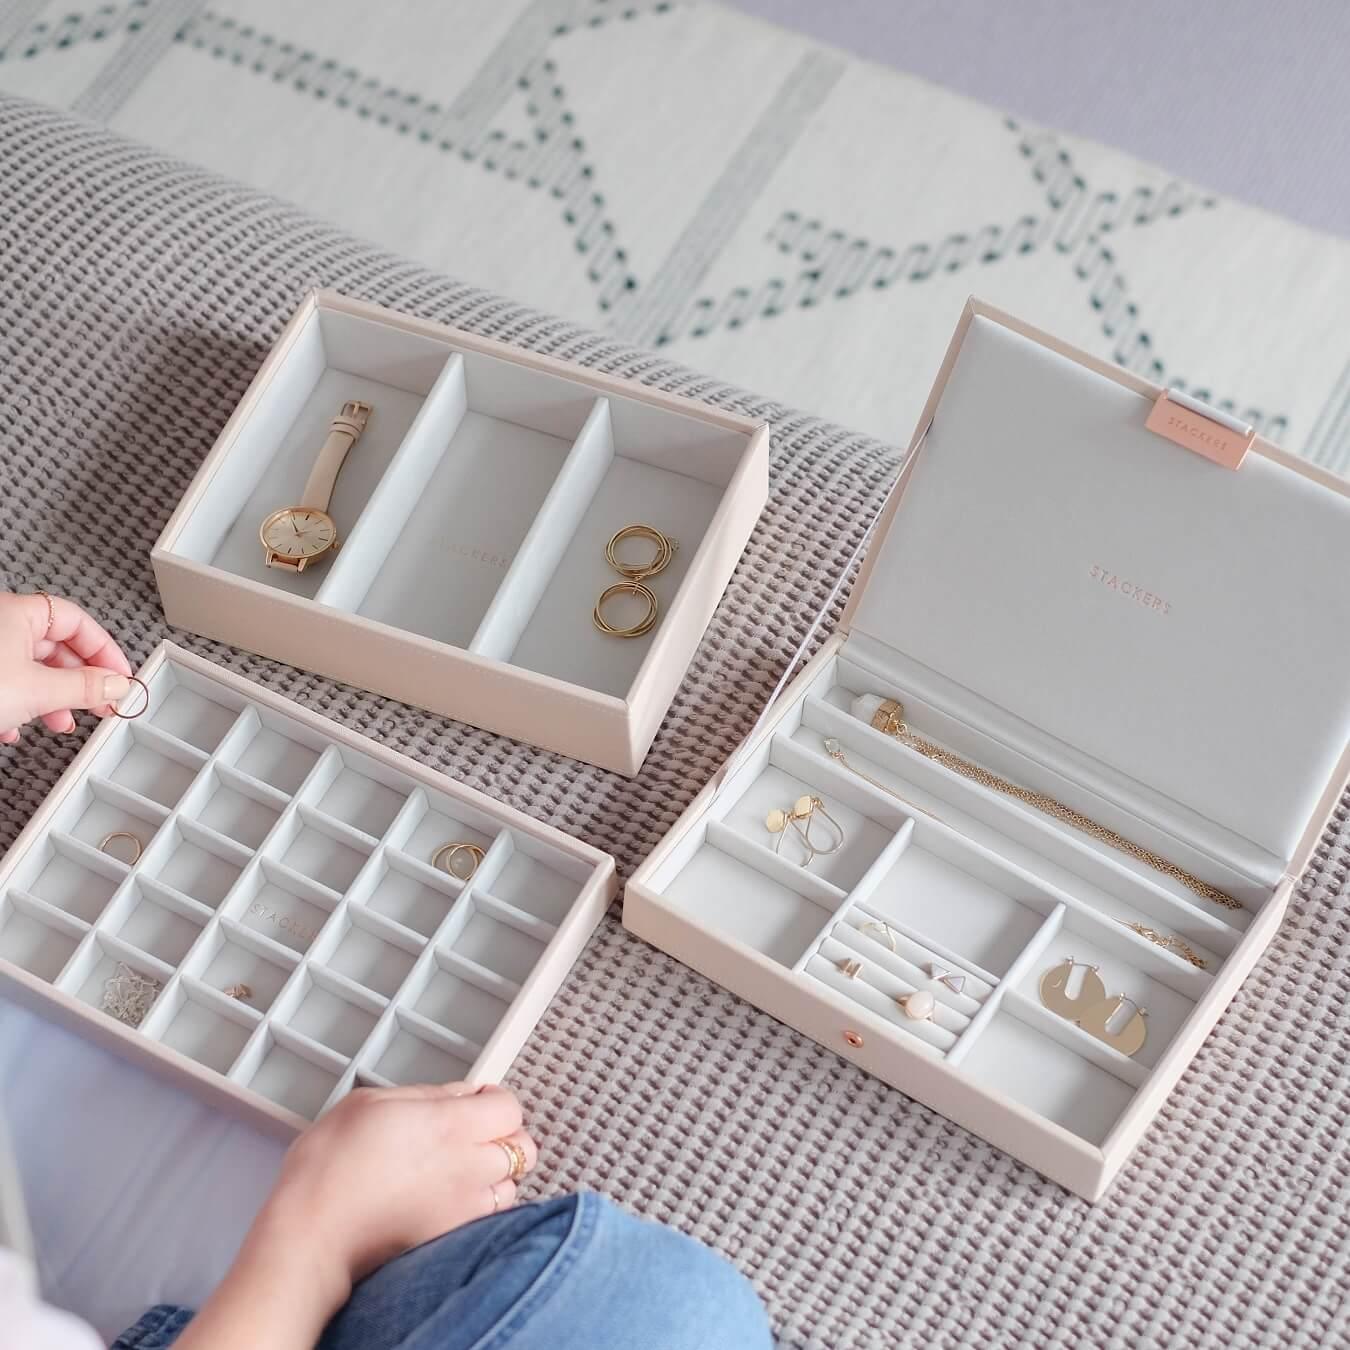 Stwórz własne pudełko na biżuterię